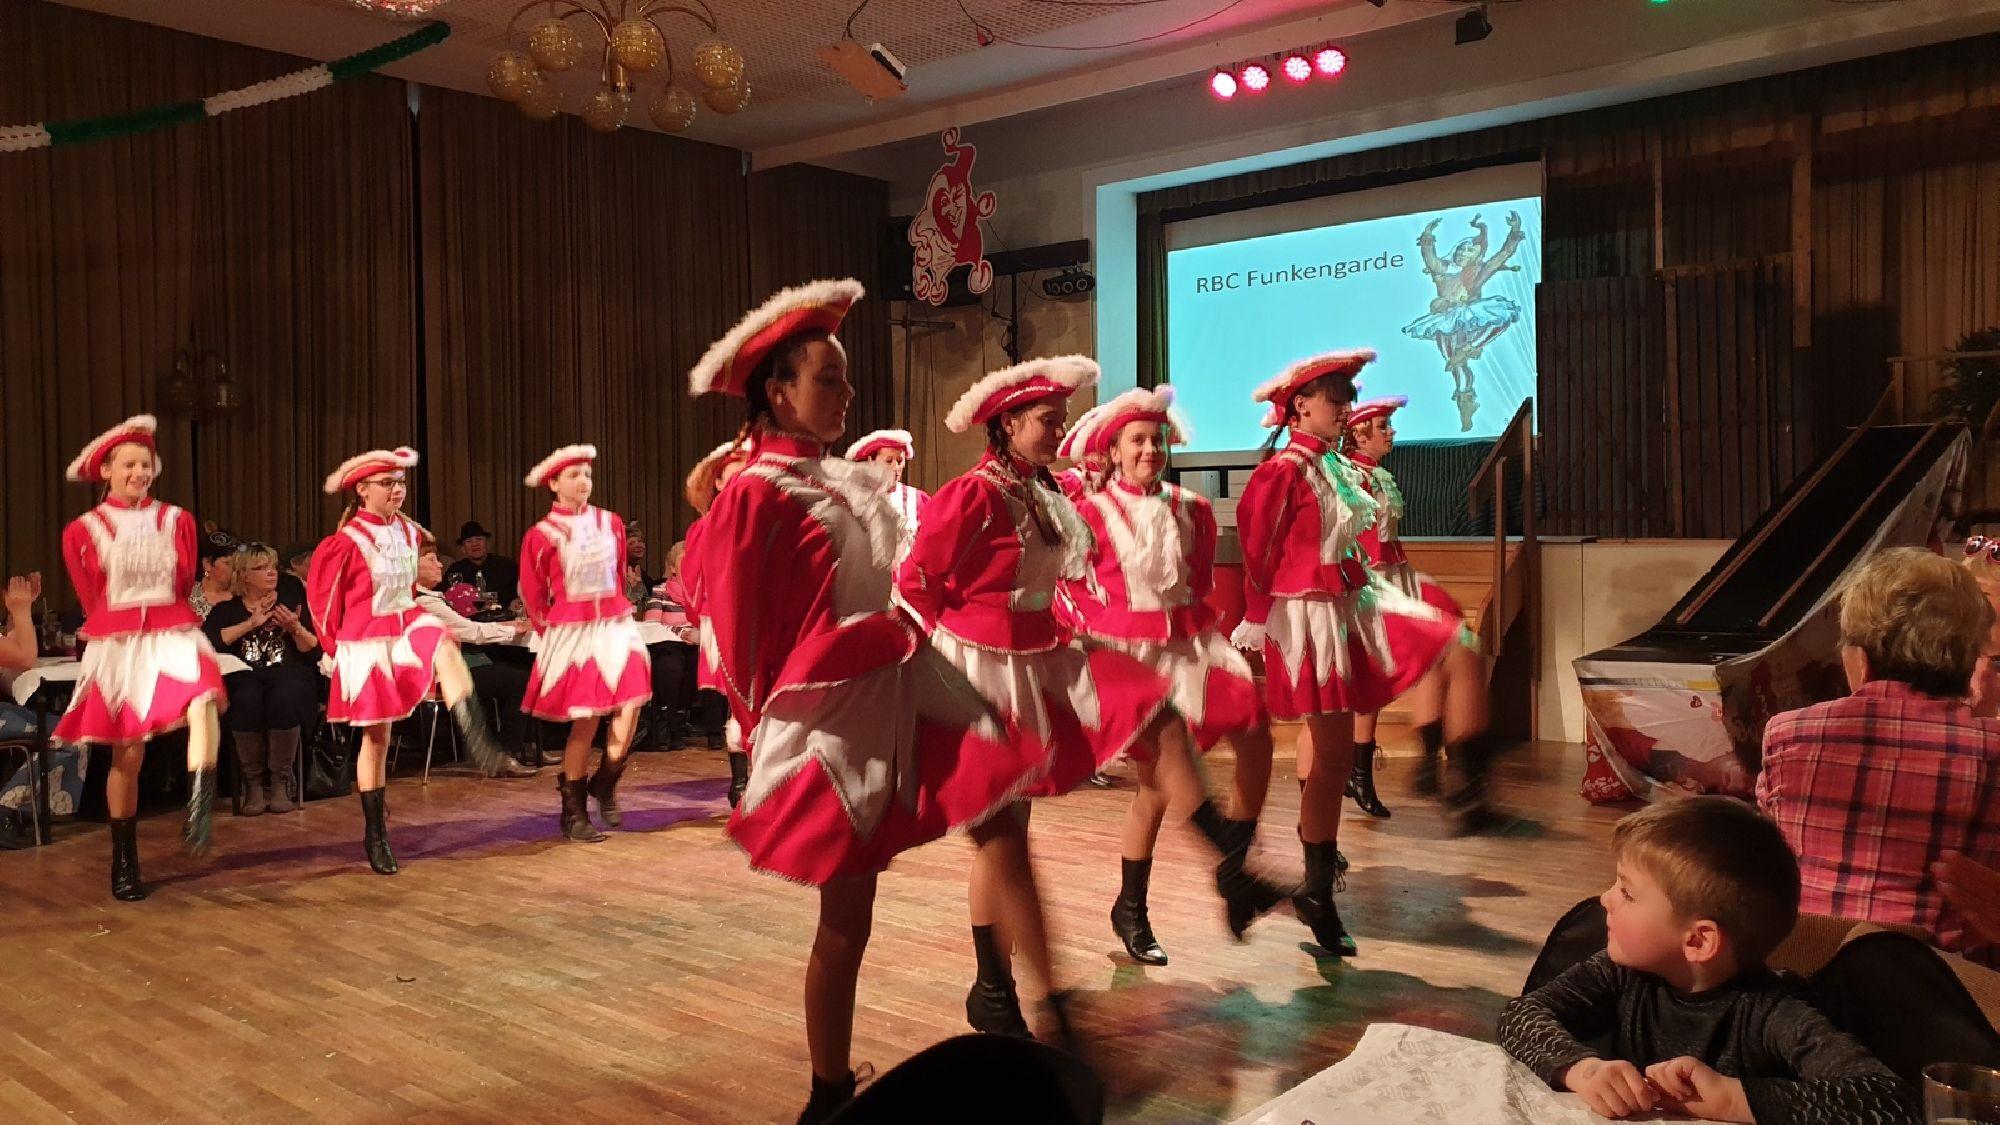 RBC Tanzgruppe Funkengarde